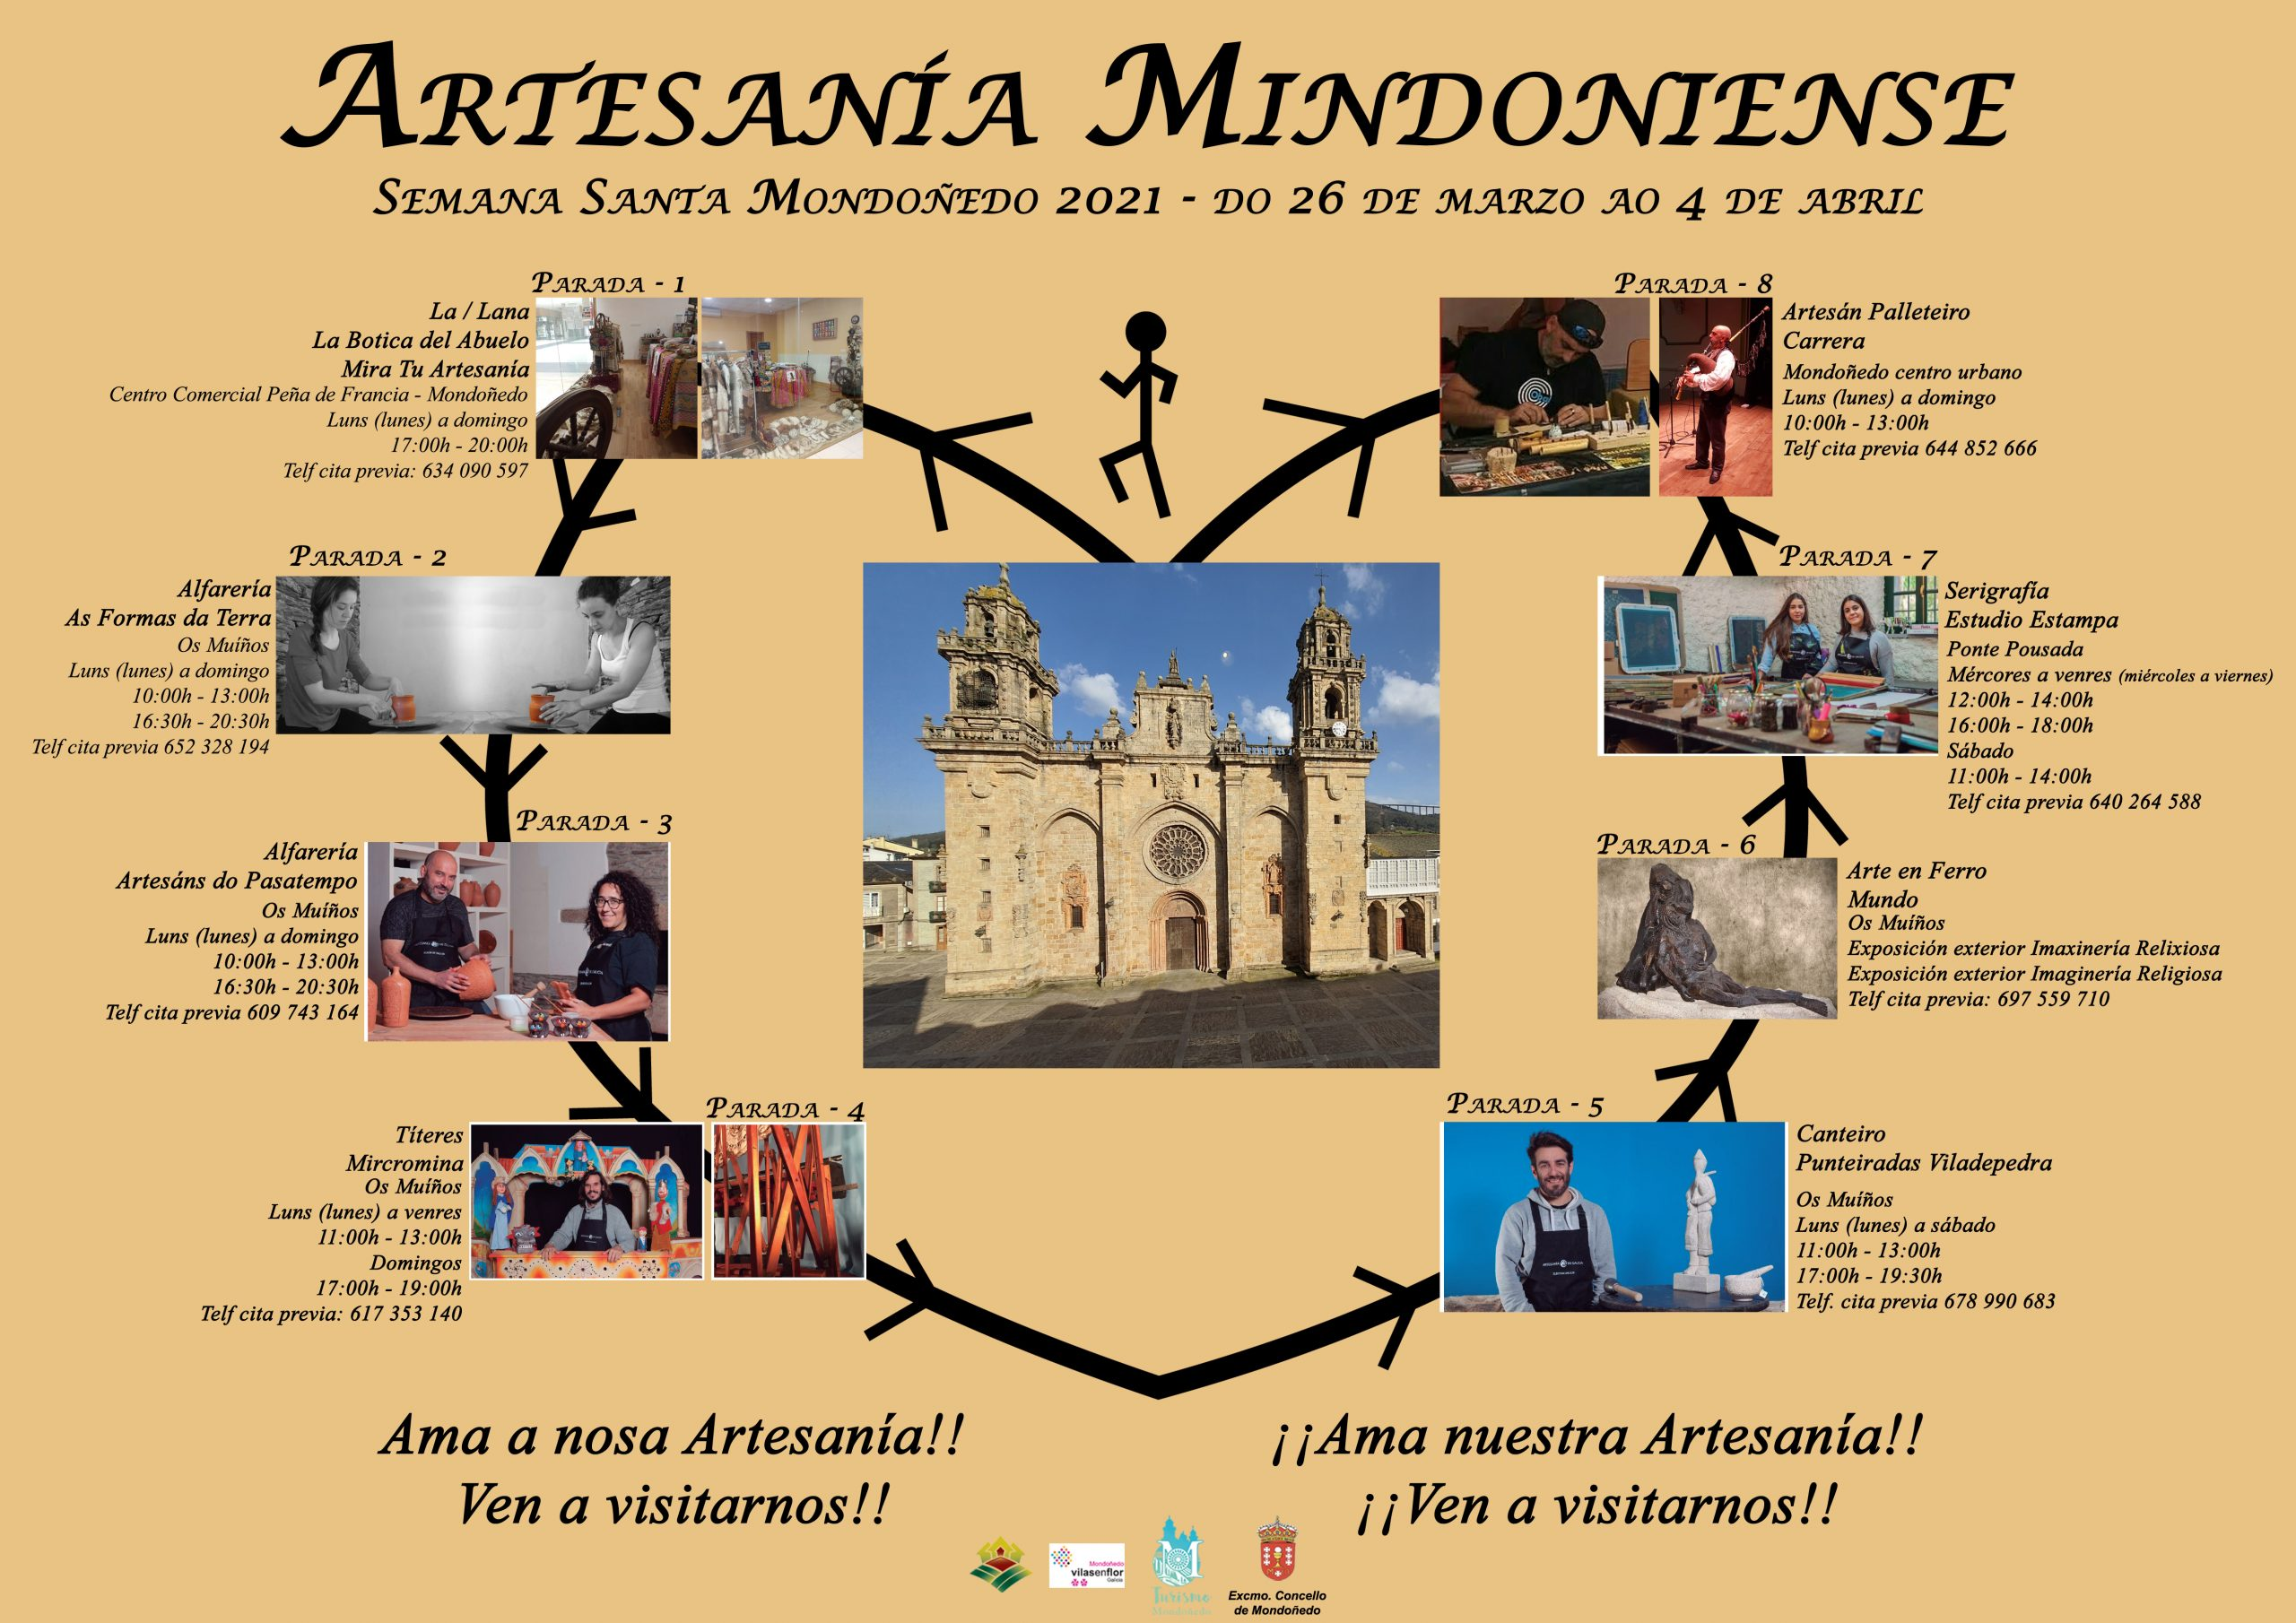 Artesanía e saber tradicional, a proposta de Mondoñedo para esta Semana Santa